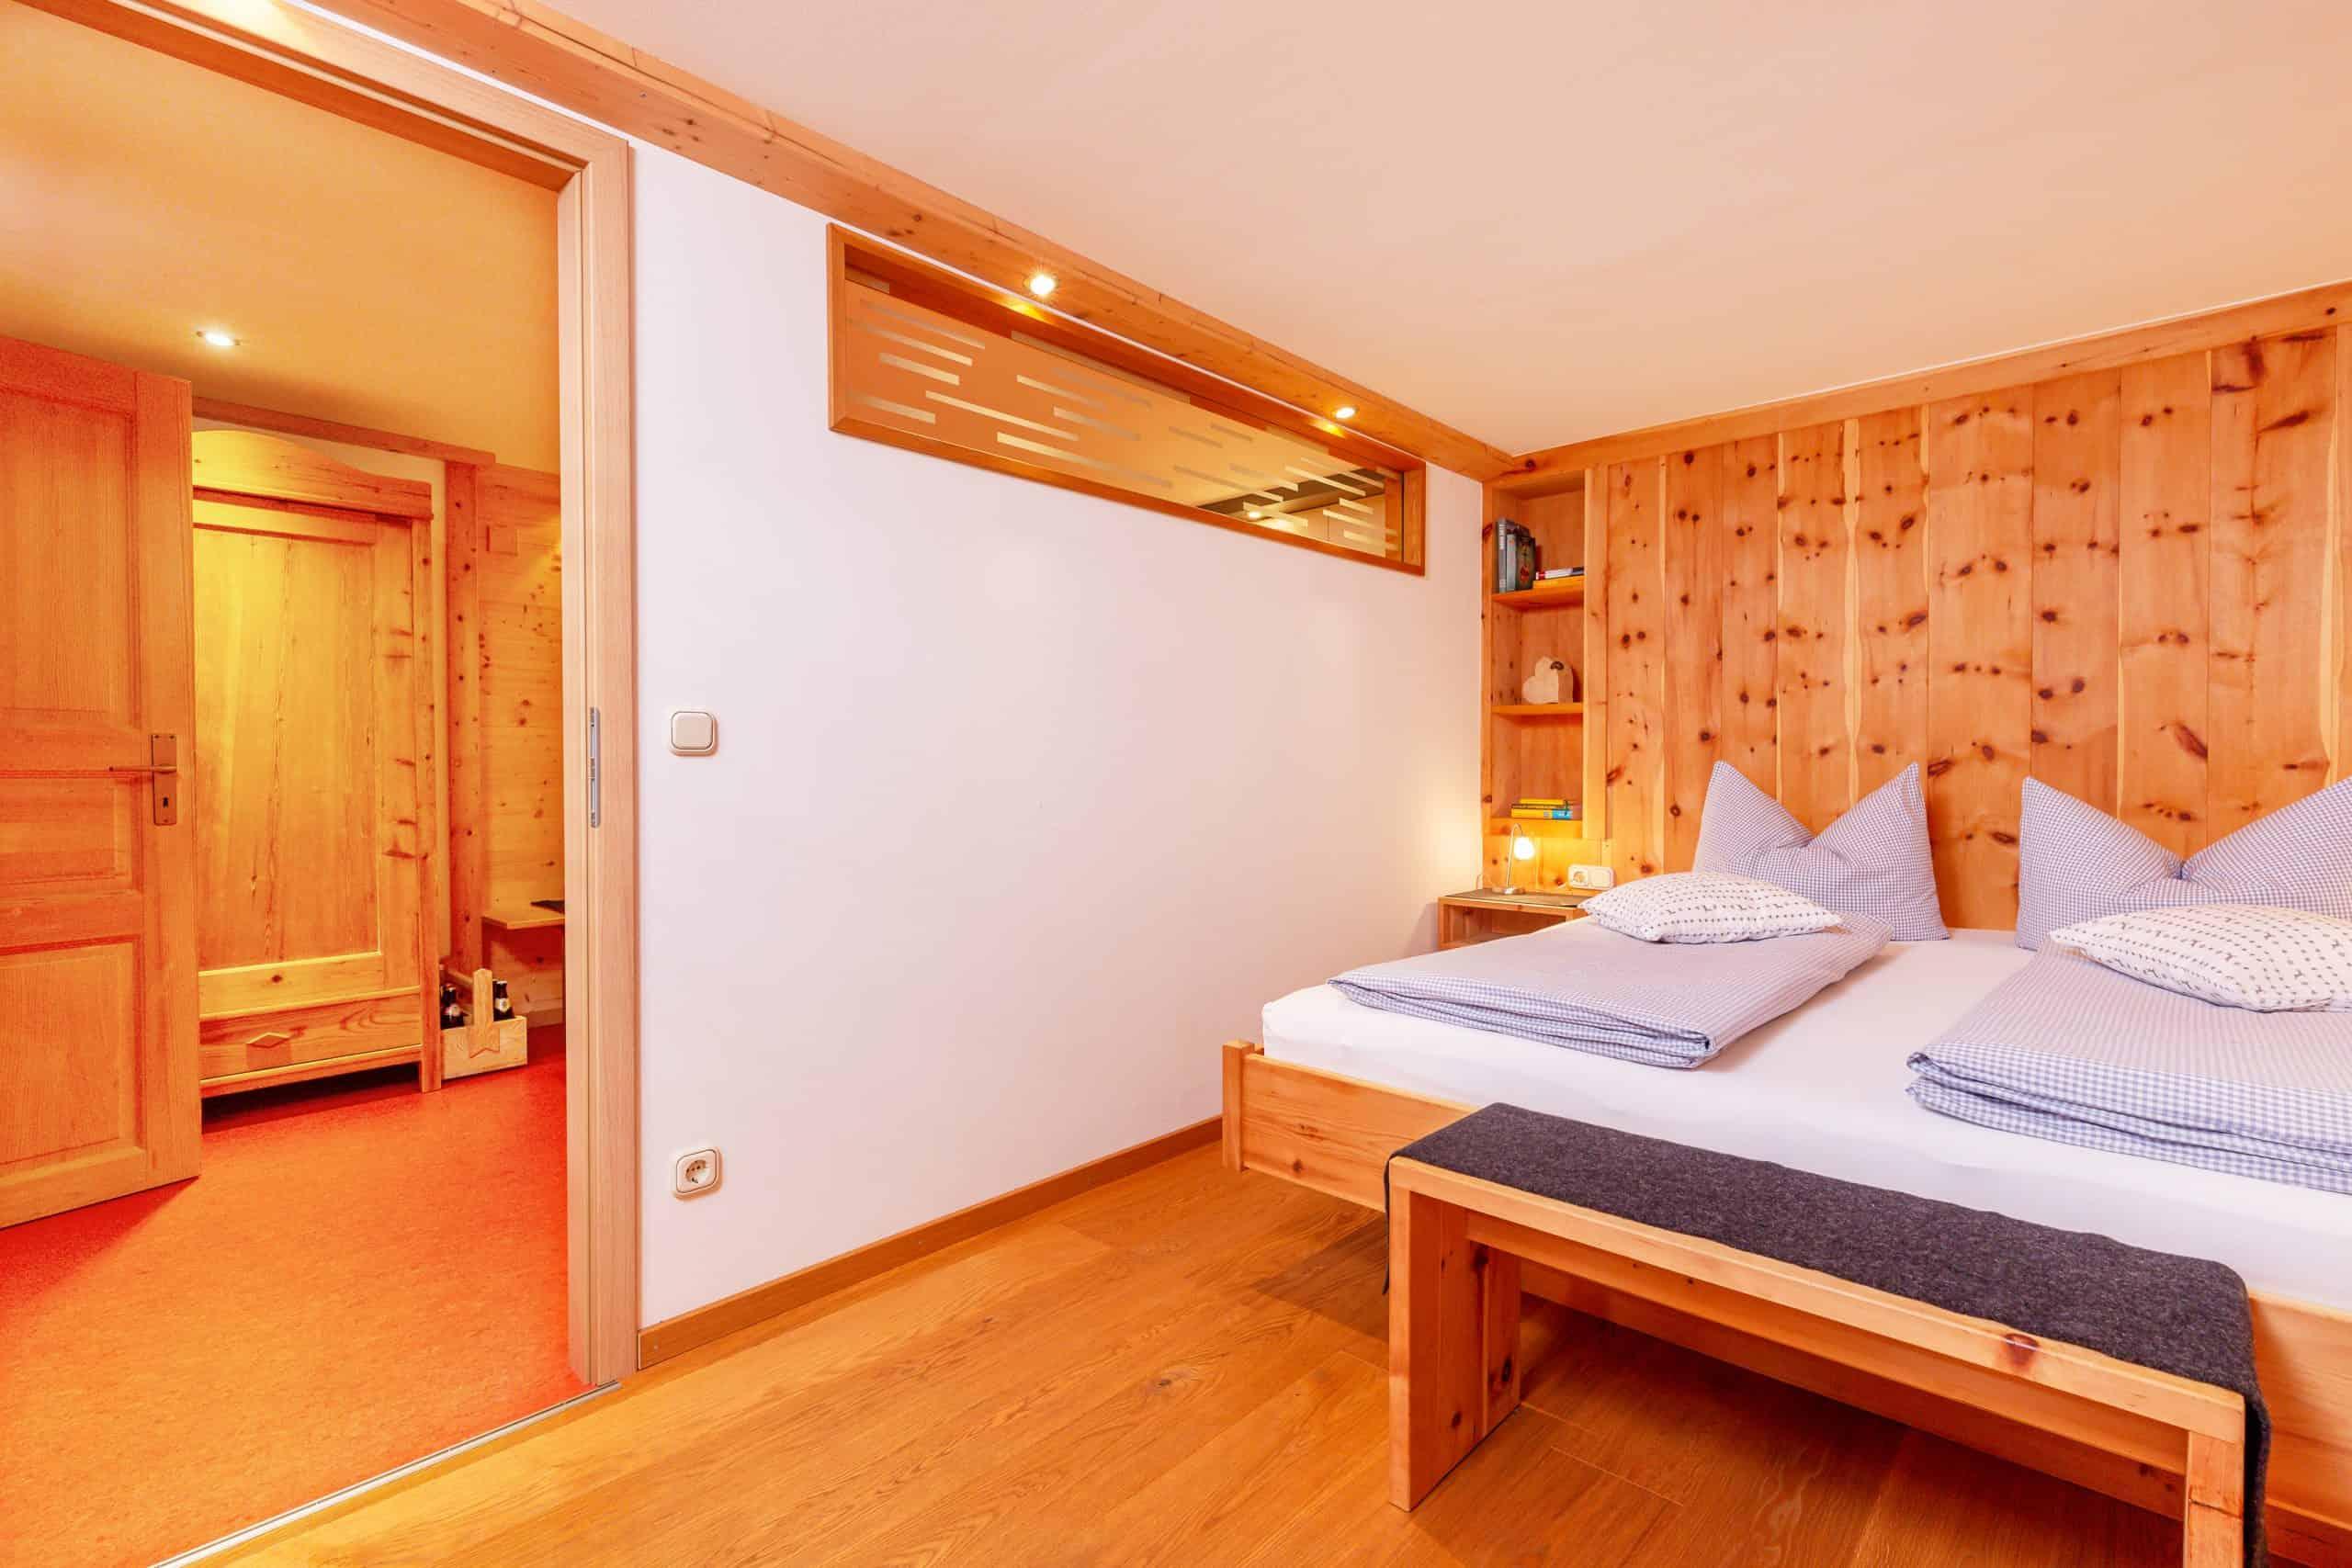 Schlafzimmer der Ferienwohnung Wilder Kaiser der Familie Wolfenstetter in Reit im Winkl